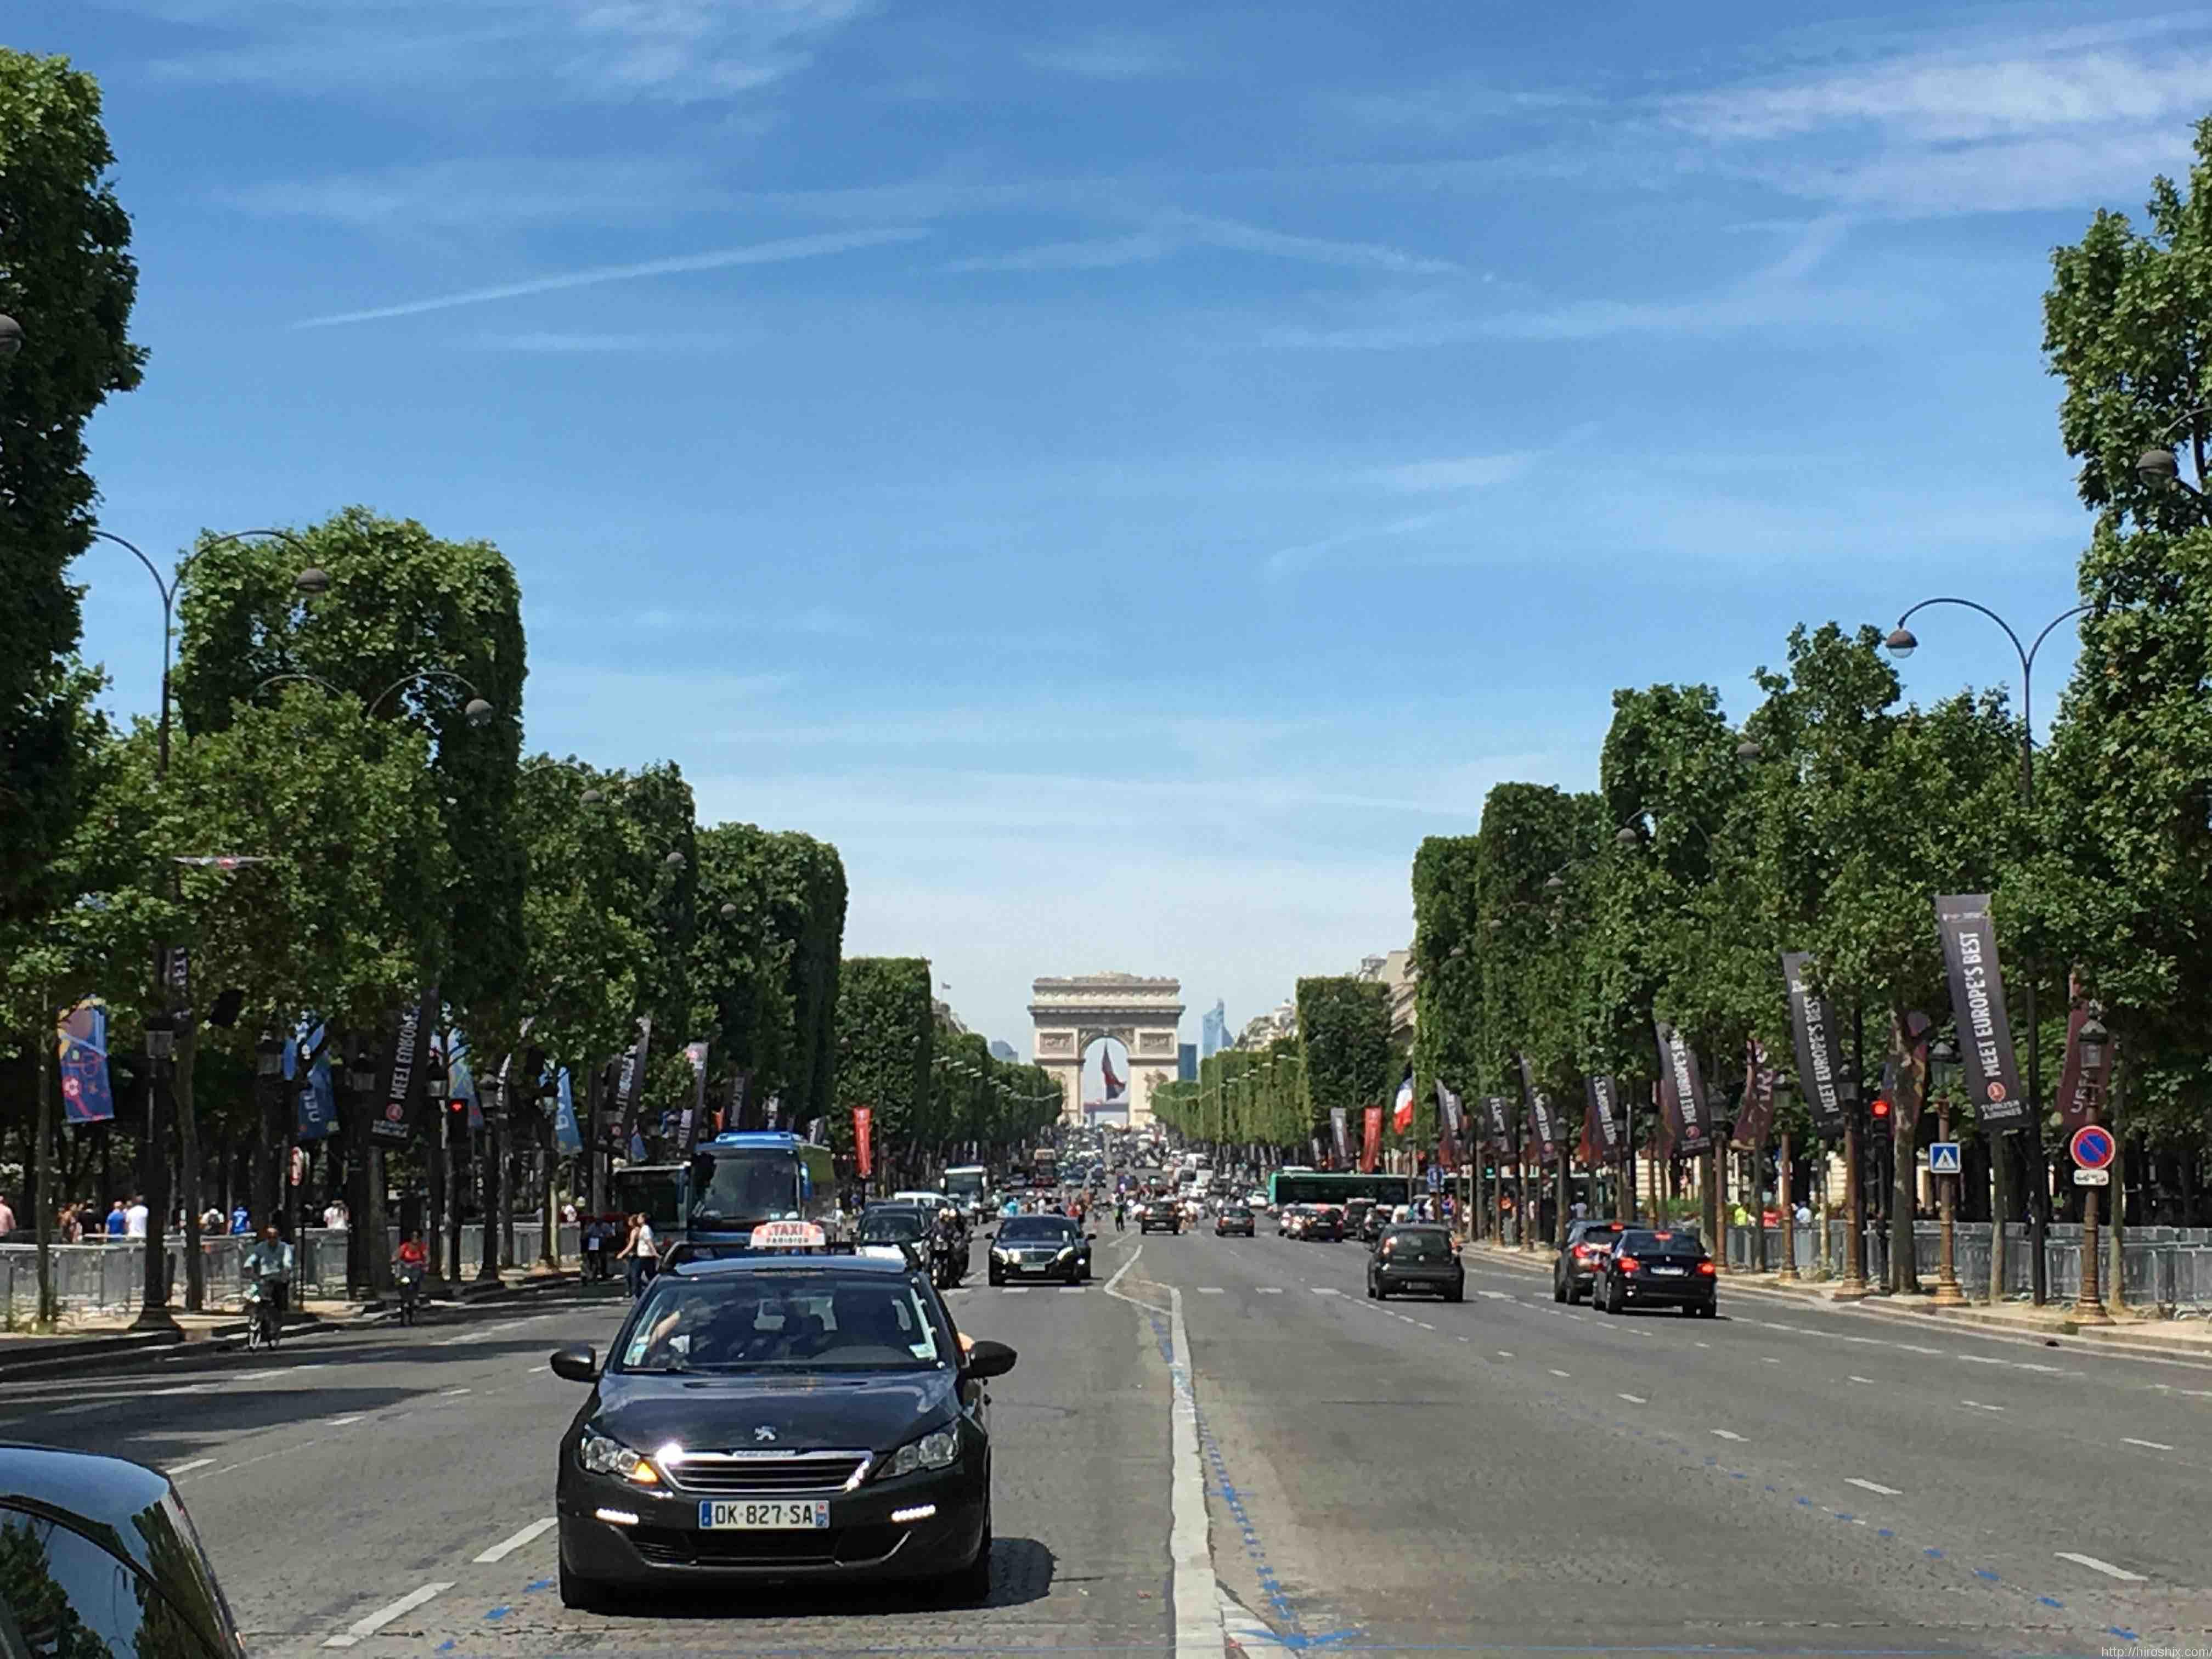 パリ市内をセーヌ川に沿って、ぶらぶら散歩観光